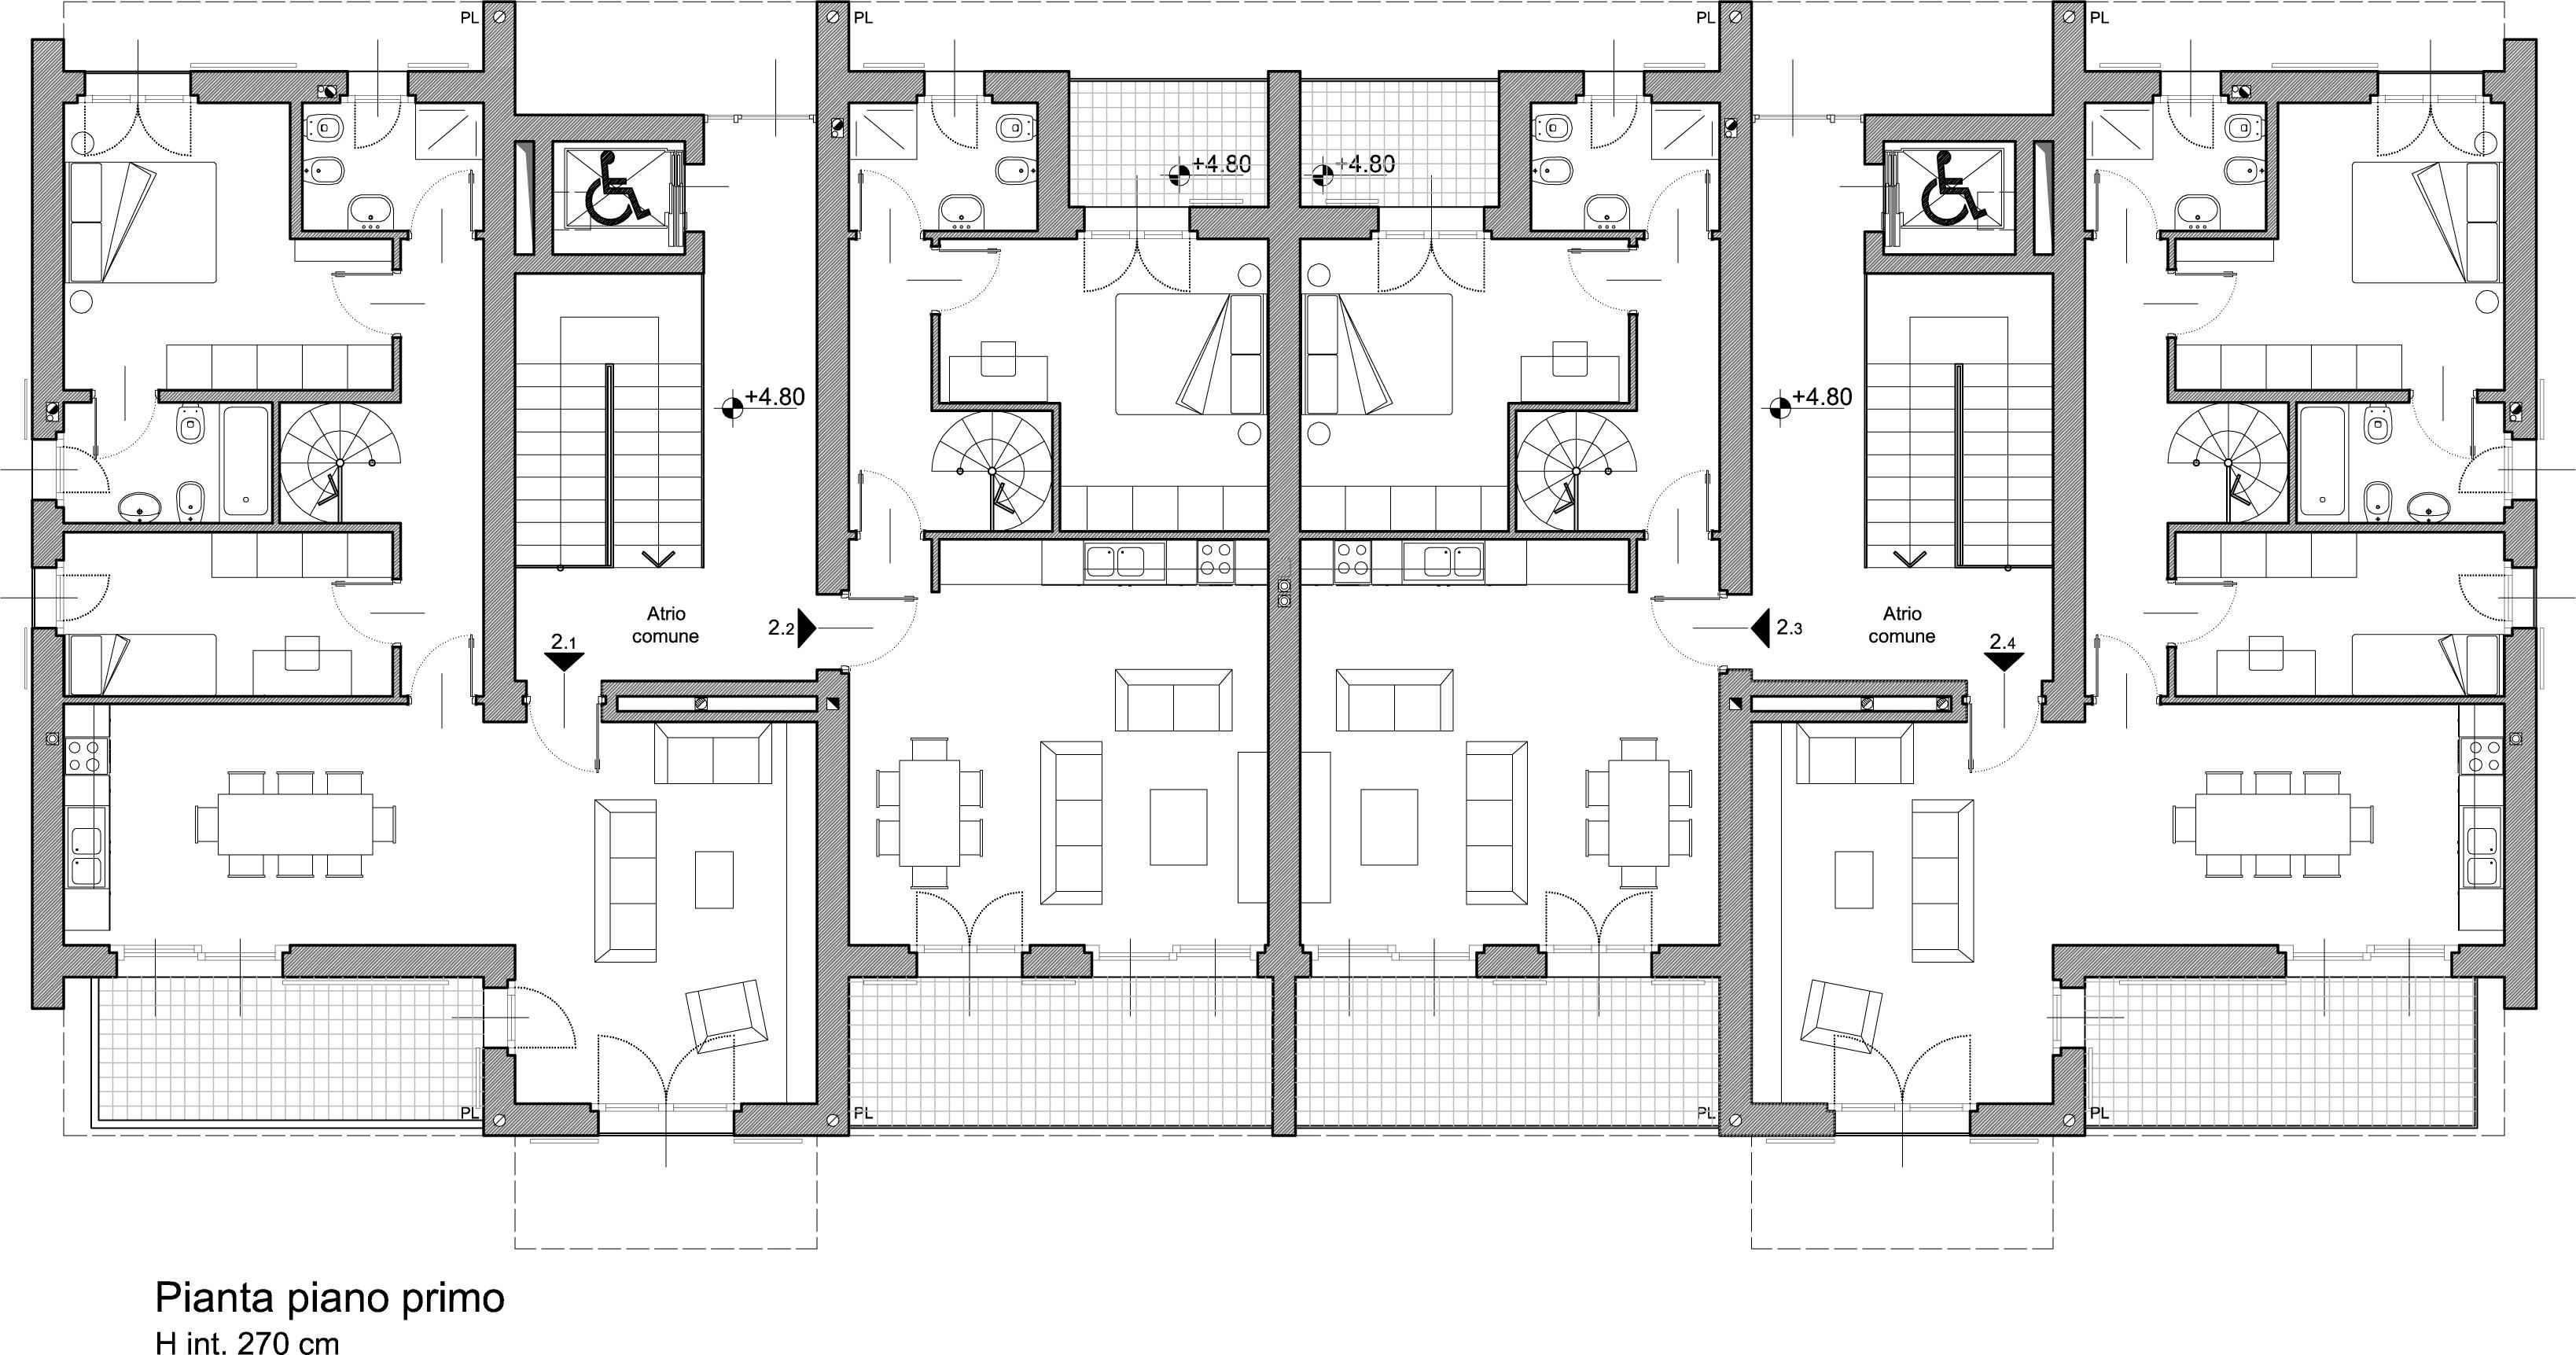 Edificio residenziale a rodano milano arch studio for Piani di costruzione di edifici residenziali in metallo